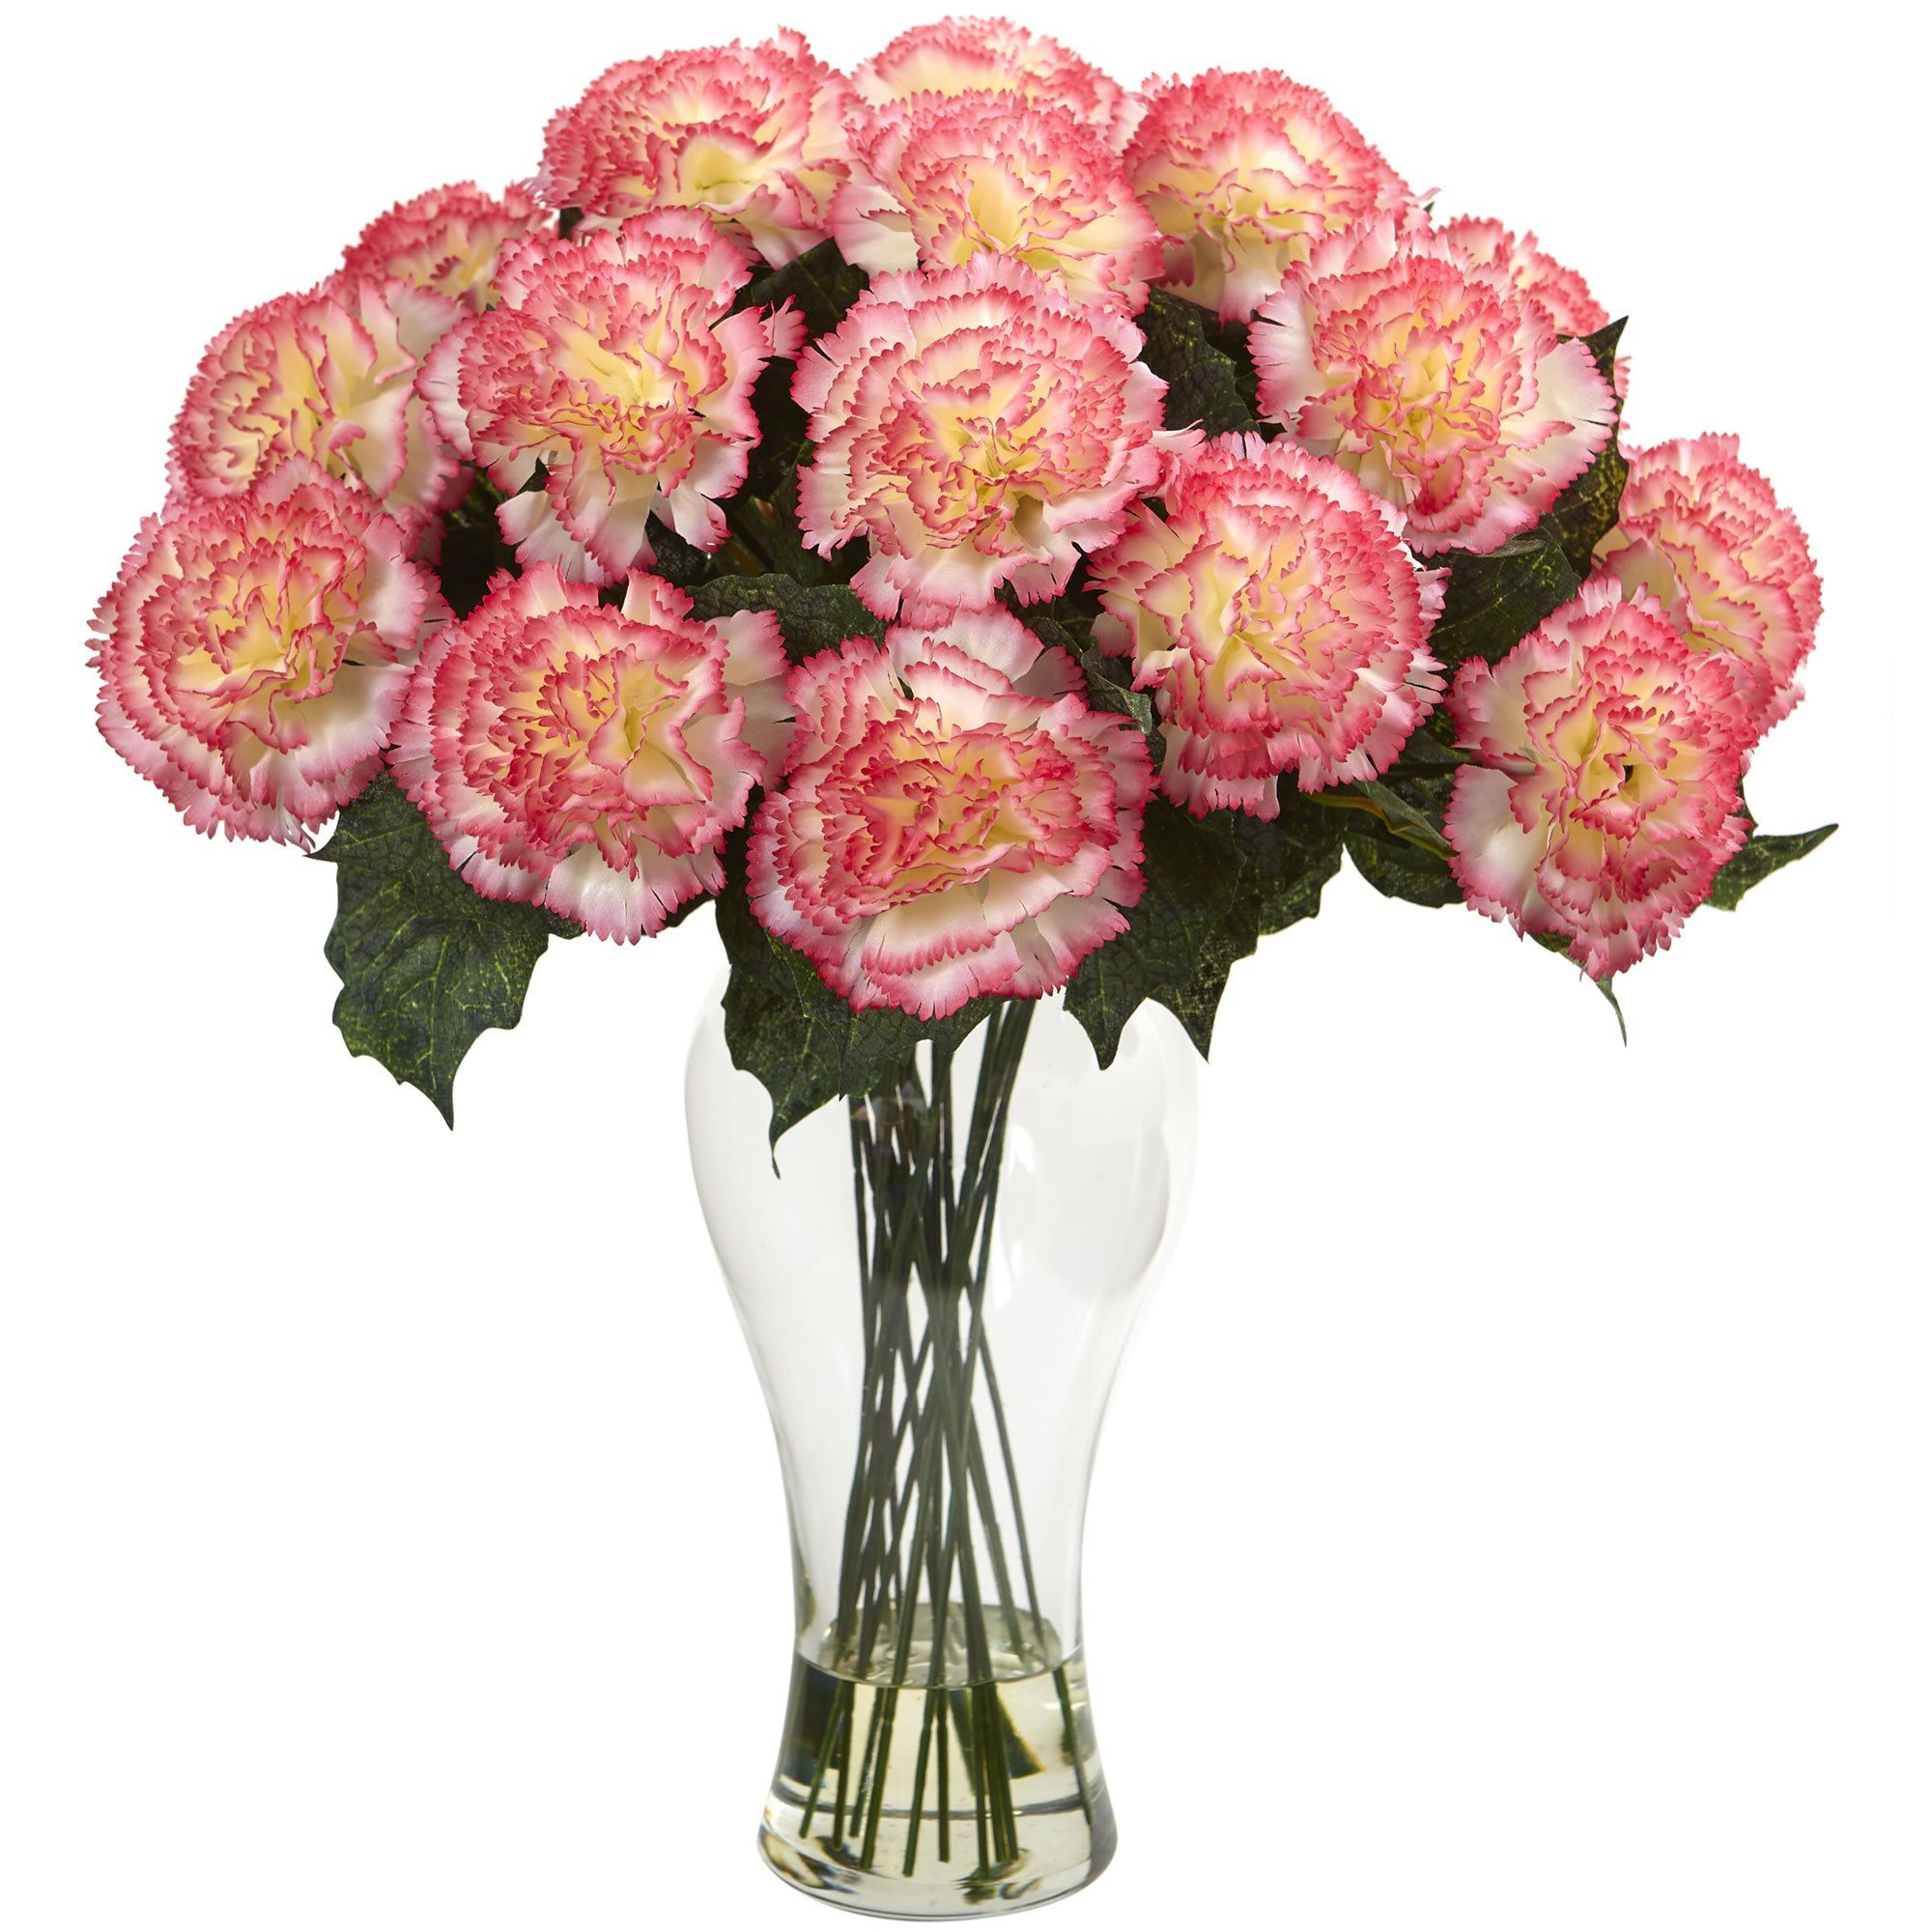 18 H Blooming Pink Carnations Arrangement In Vase Carnation Pink